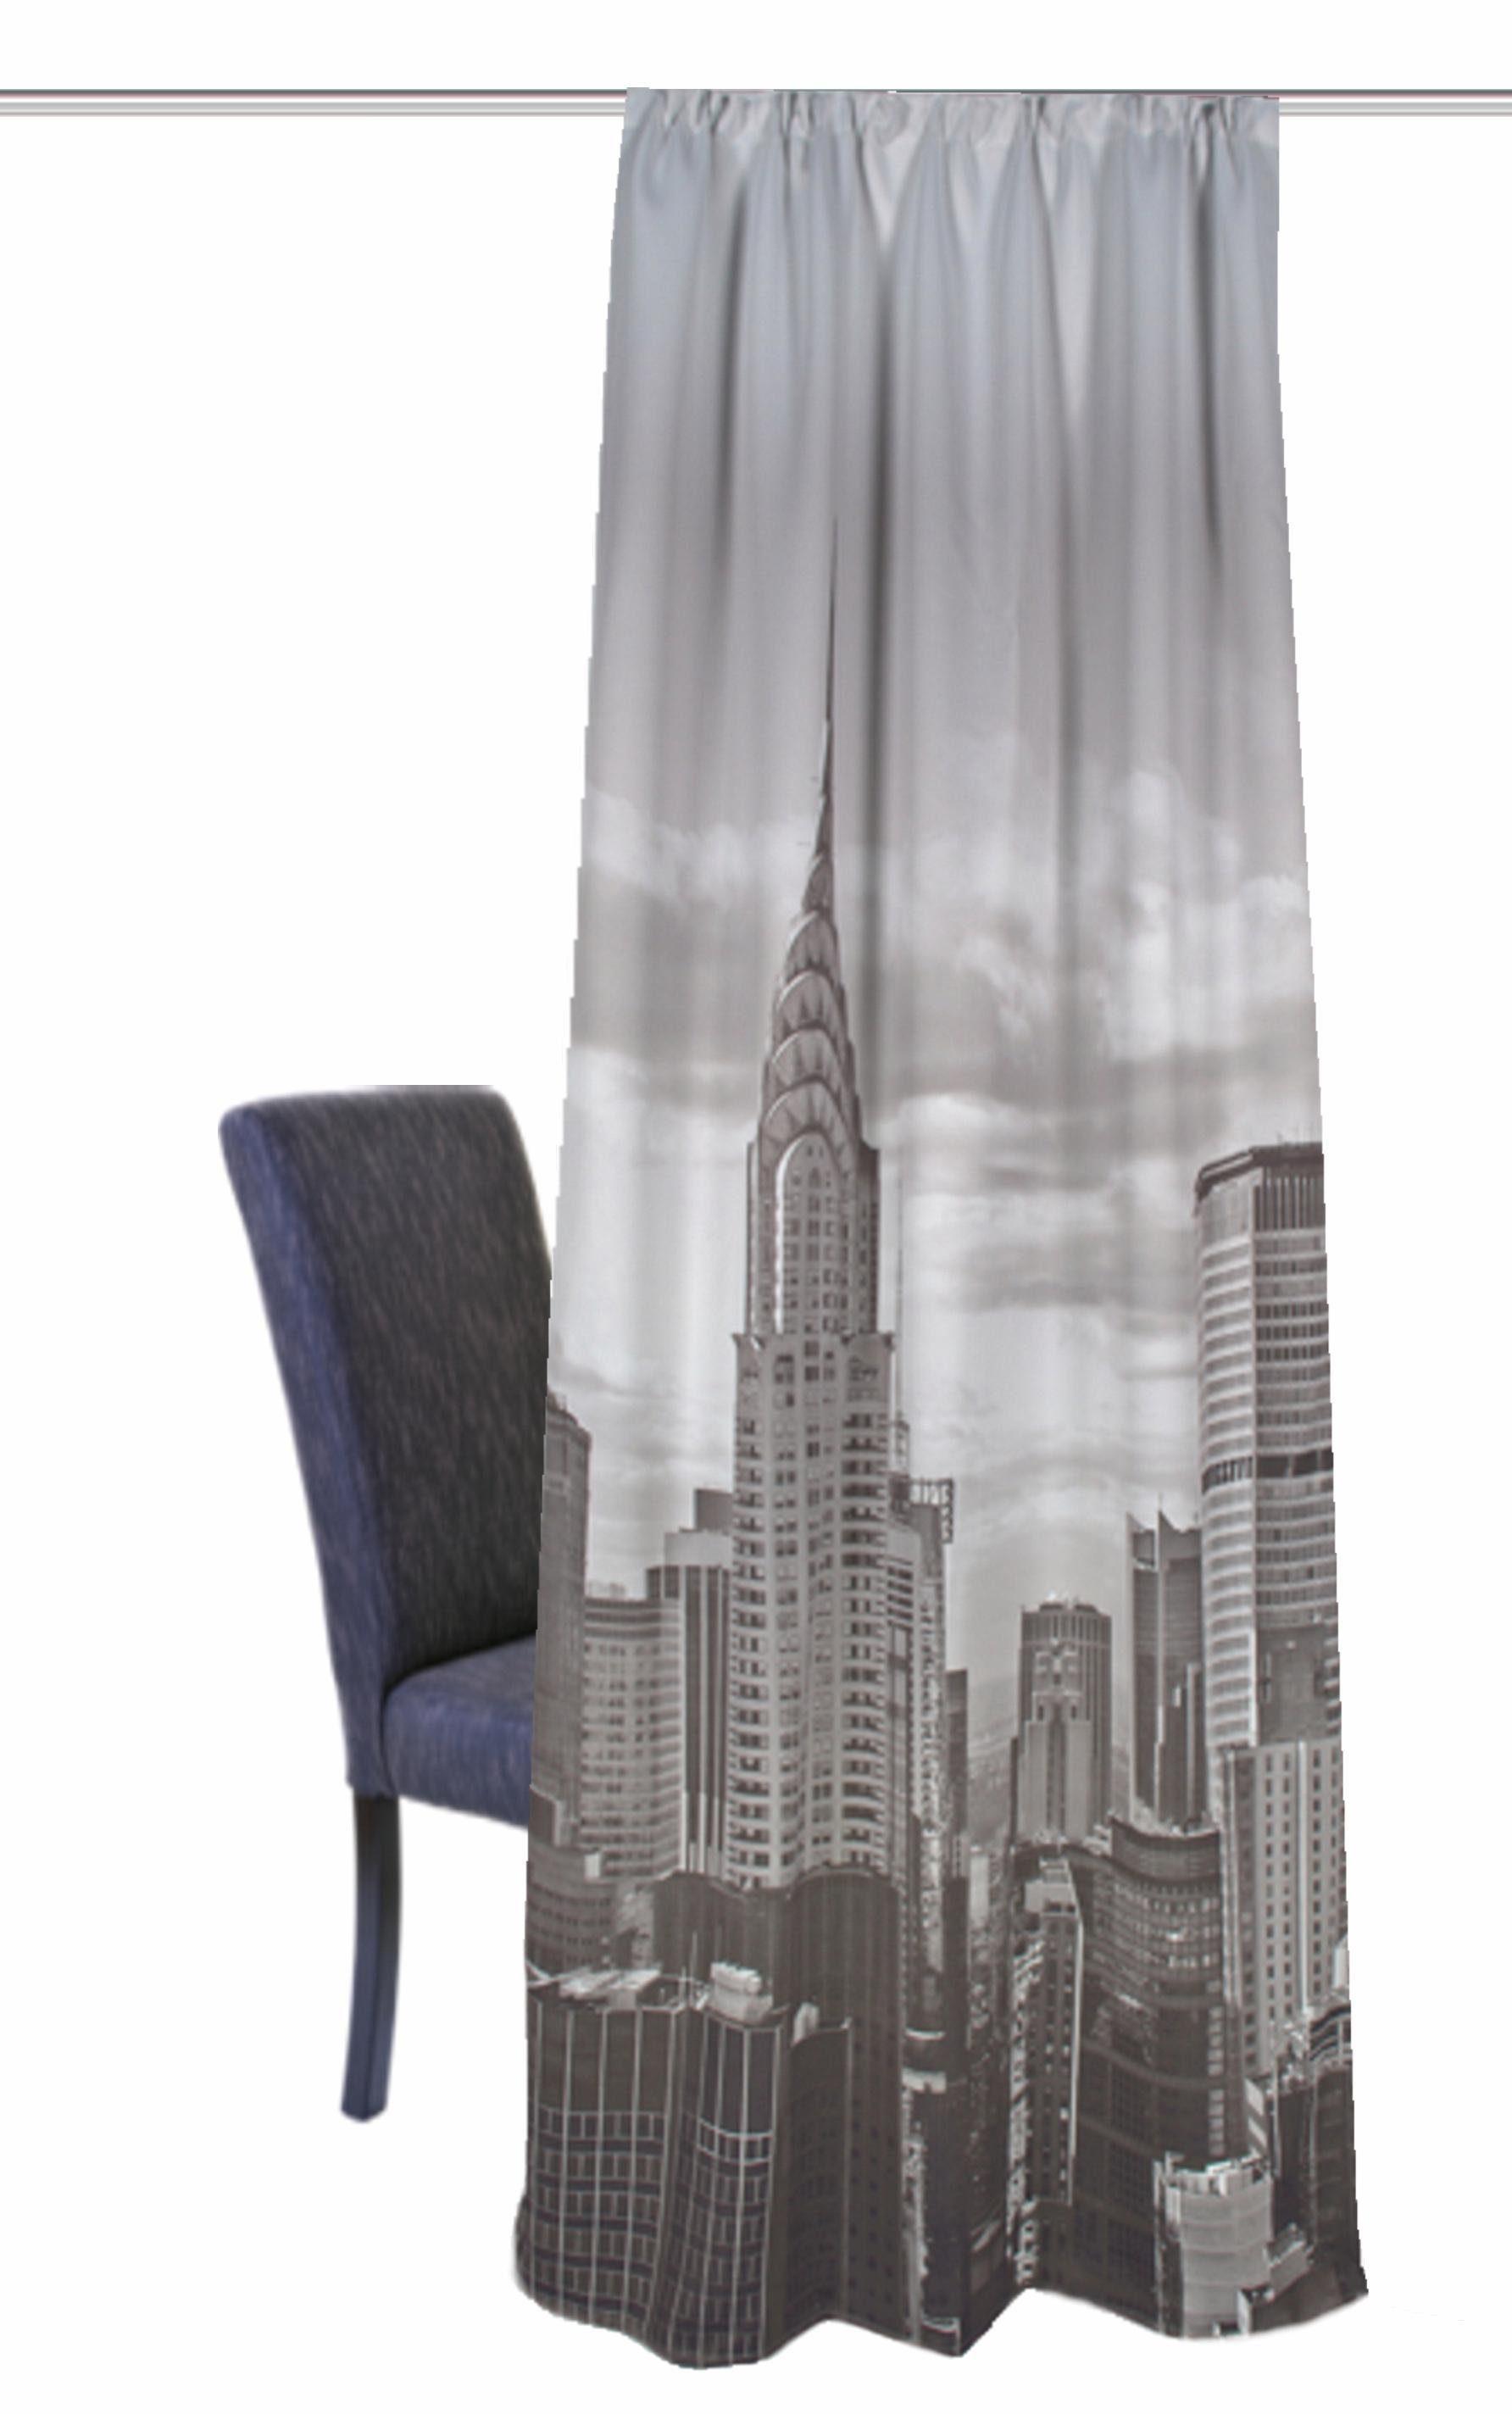 Vorhang, Home Wohnideen, »NEW YORK«, mit Smokband (1 Stück)